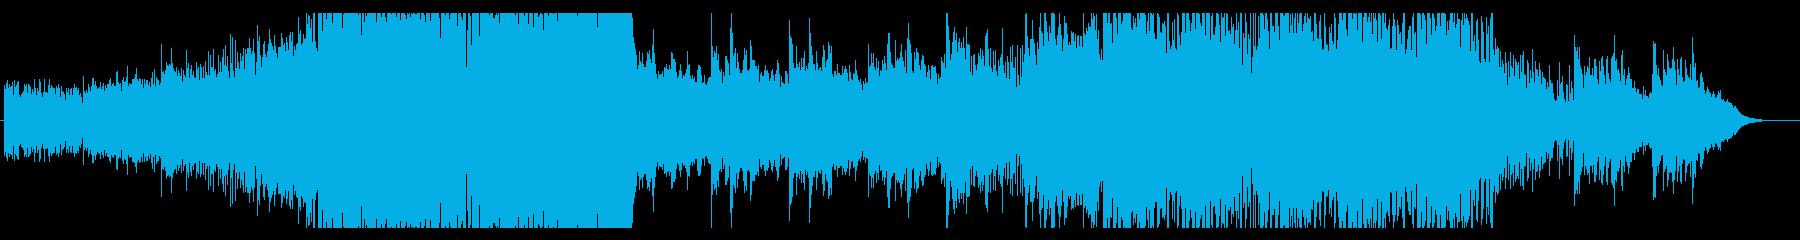 【EDM】ダンスとピアノが融合したEDMの再生済みの波形